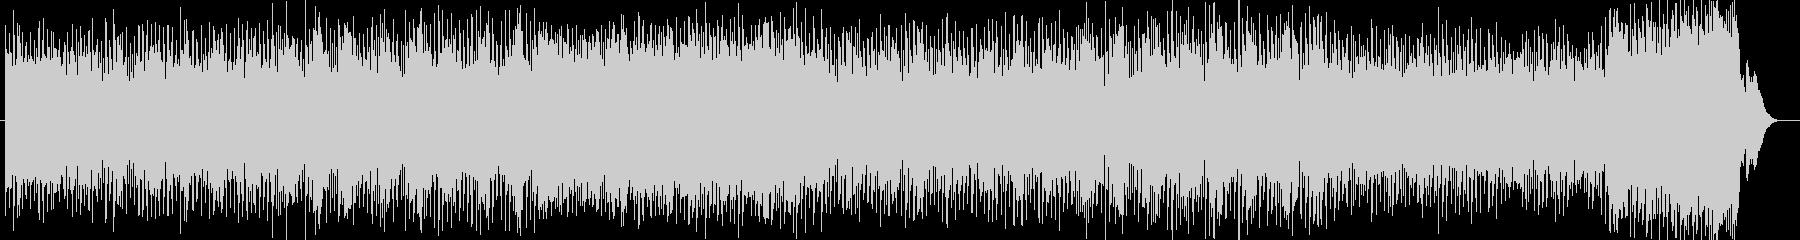 ポップで軽快なピアノテクノポップの未再生の波形